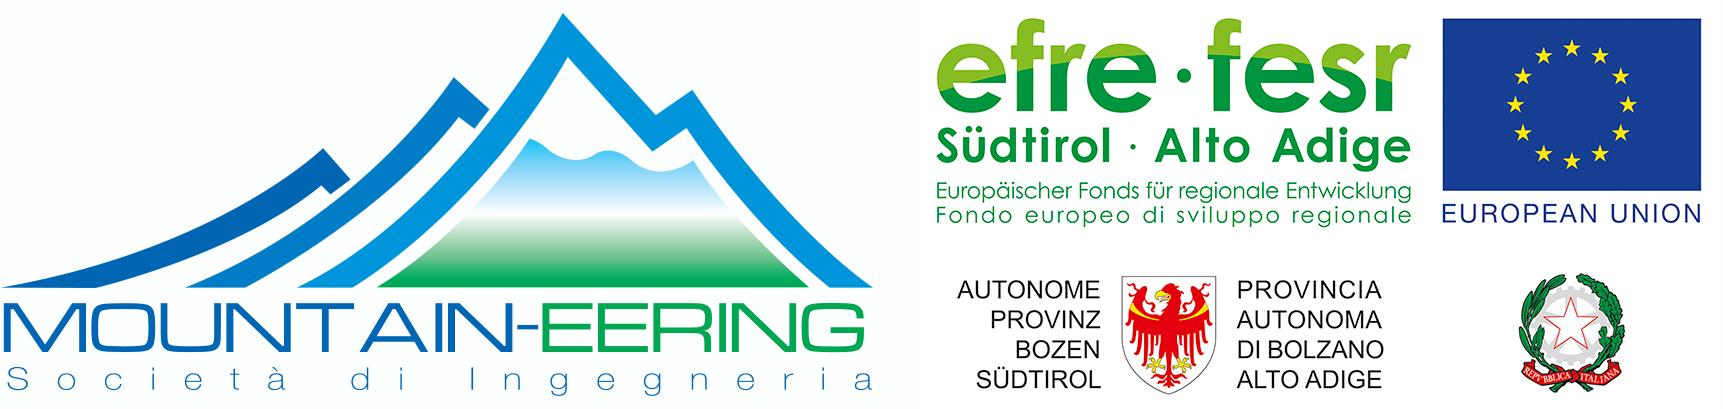 Mountain-eering.com